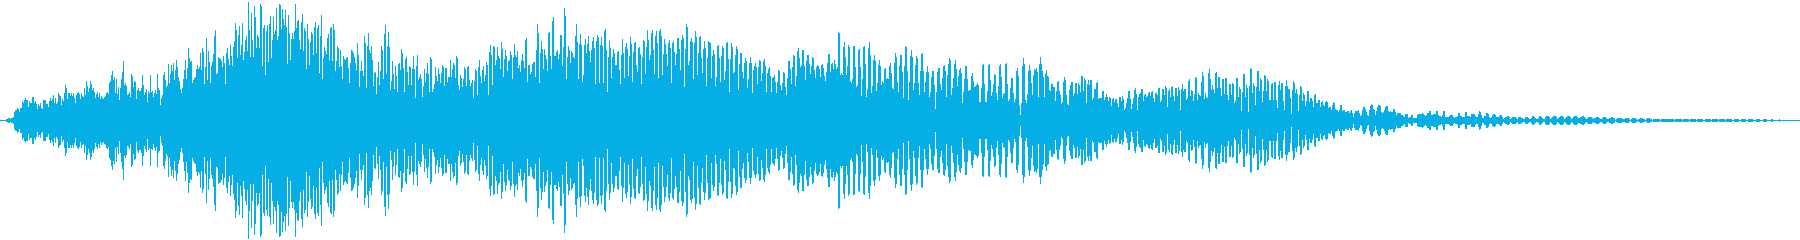 重低音が効いた高音質なサウンドの再生済みの波形